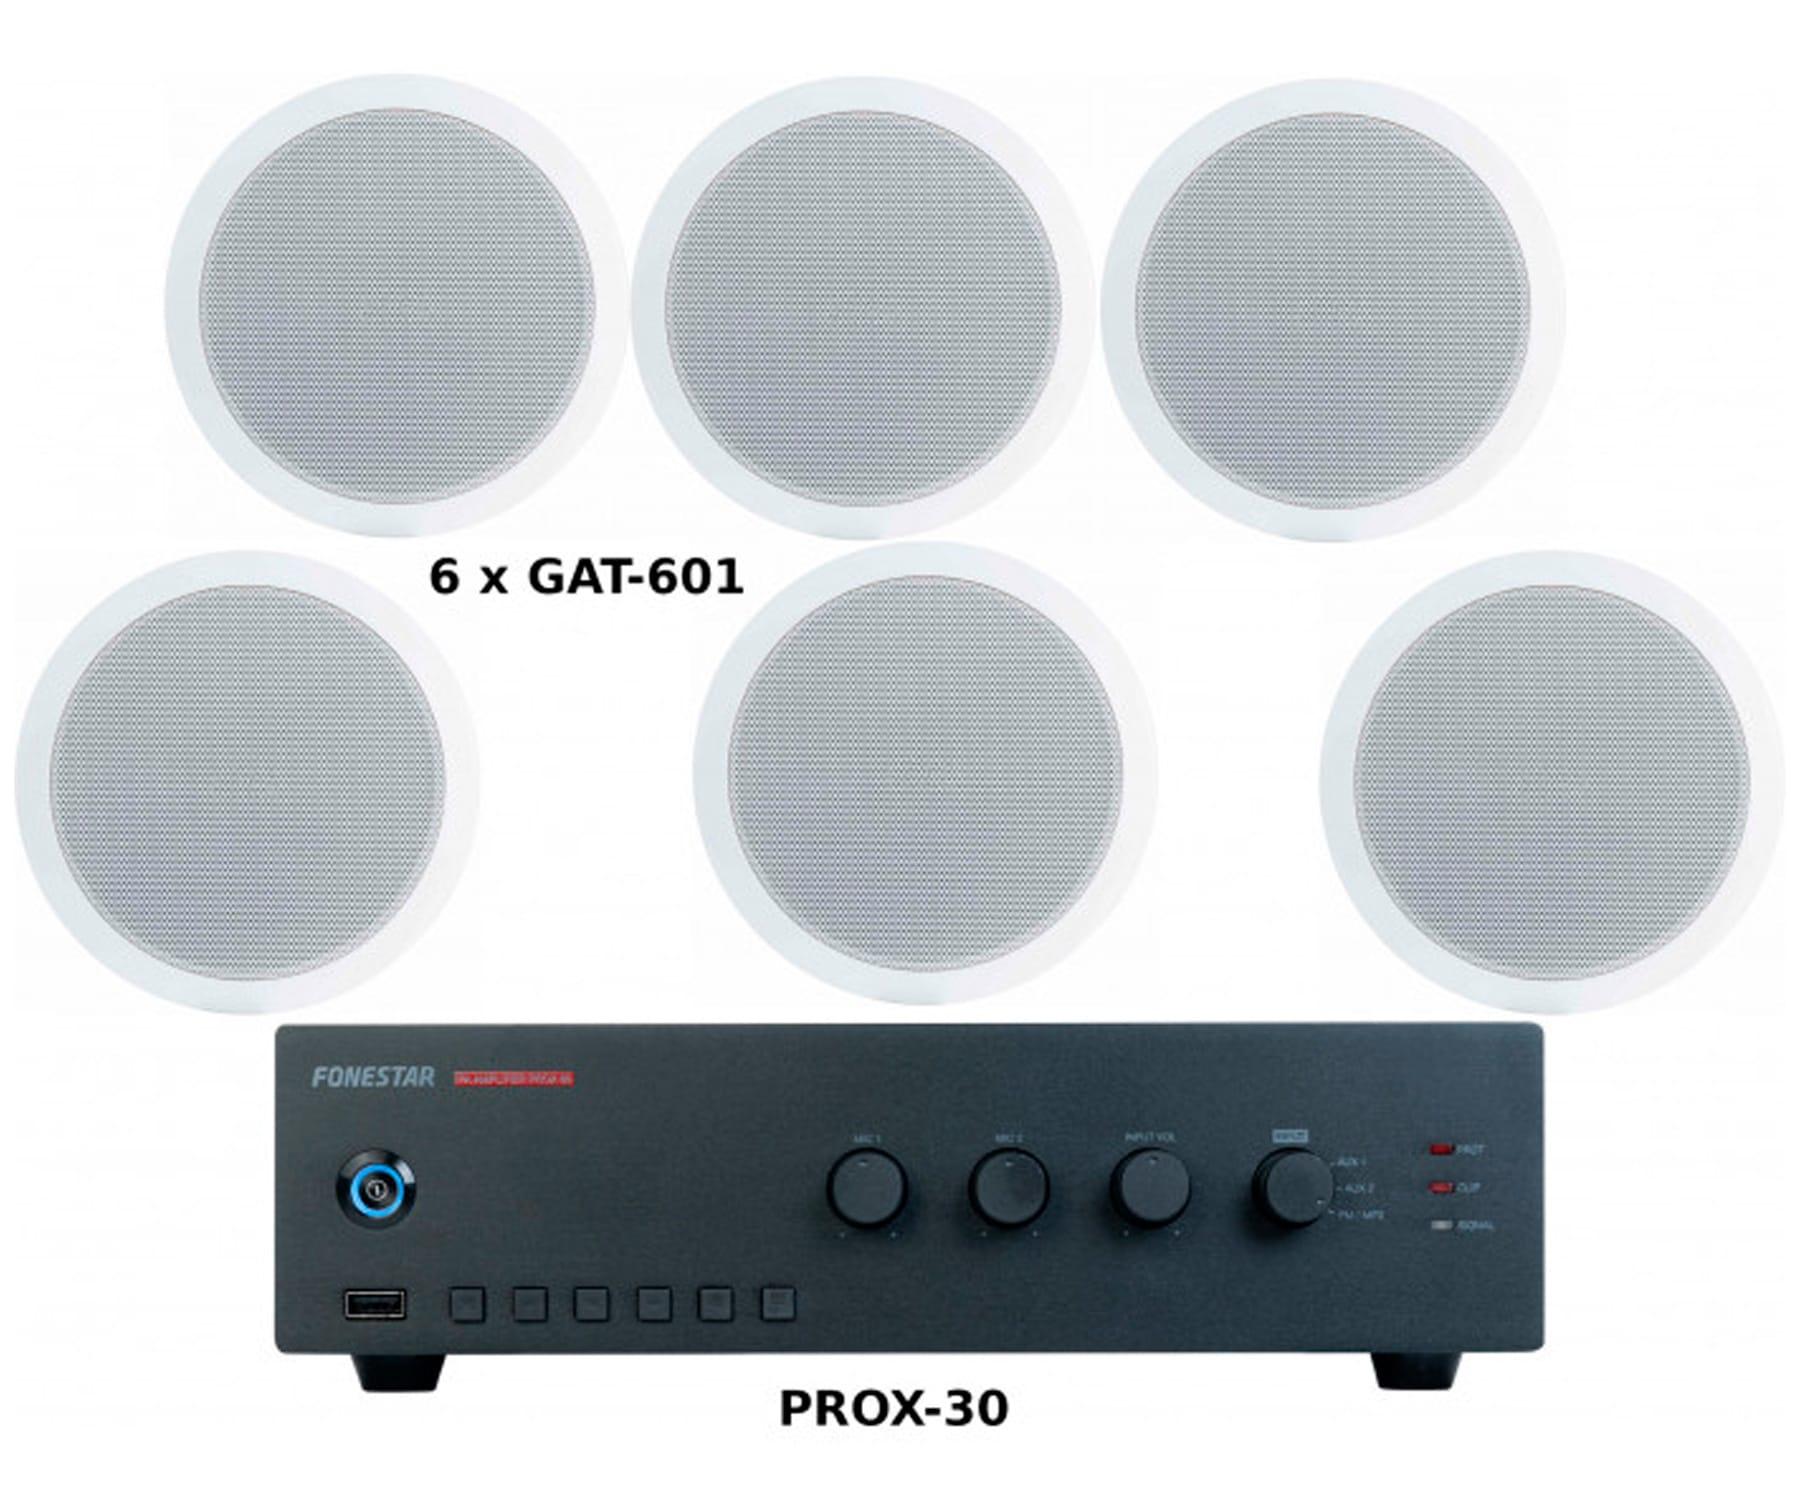 FONESTAR PACK AHORRO 150 - AMPLIFICADOR PROX-60 + SEIS ALTAVOCES DE TECHO GAT-601